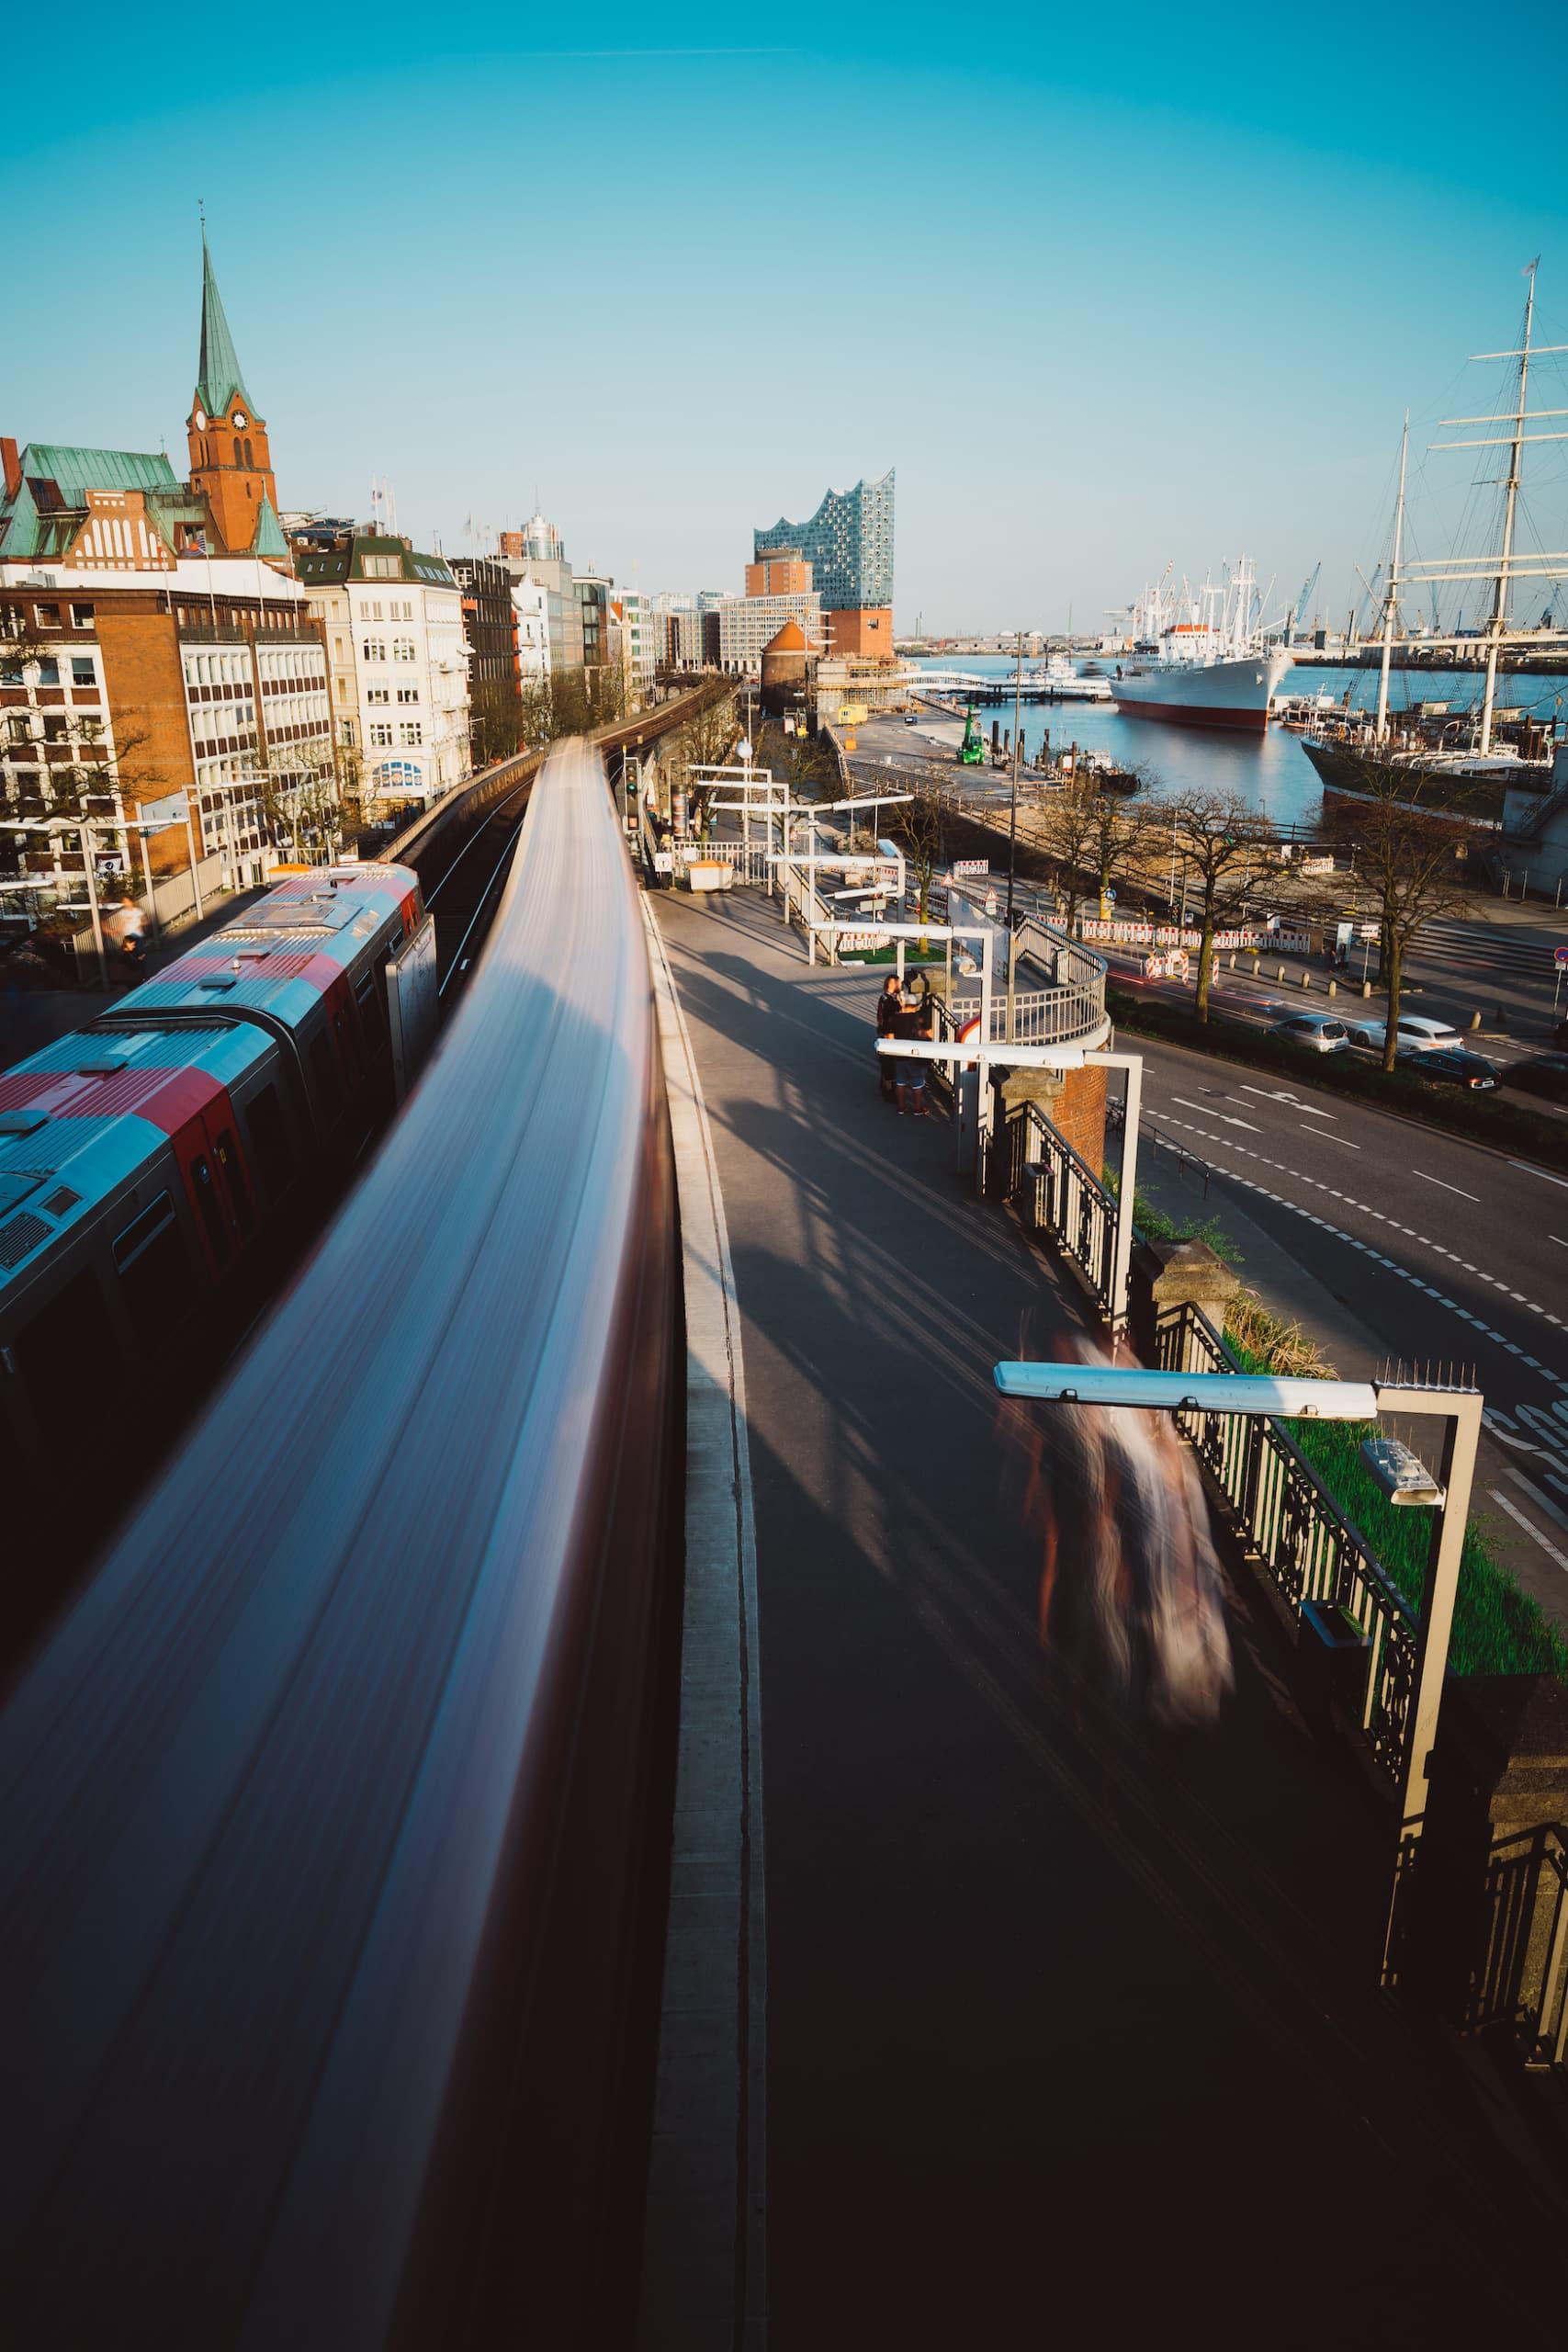 Öffentliche Verkehrsmittel in Hamburg, nachhaltige Städte in Europa